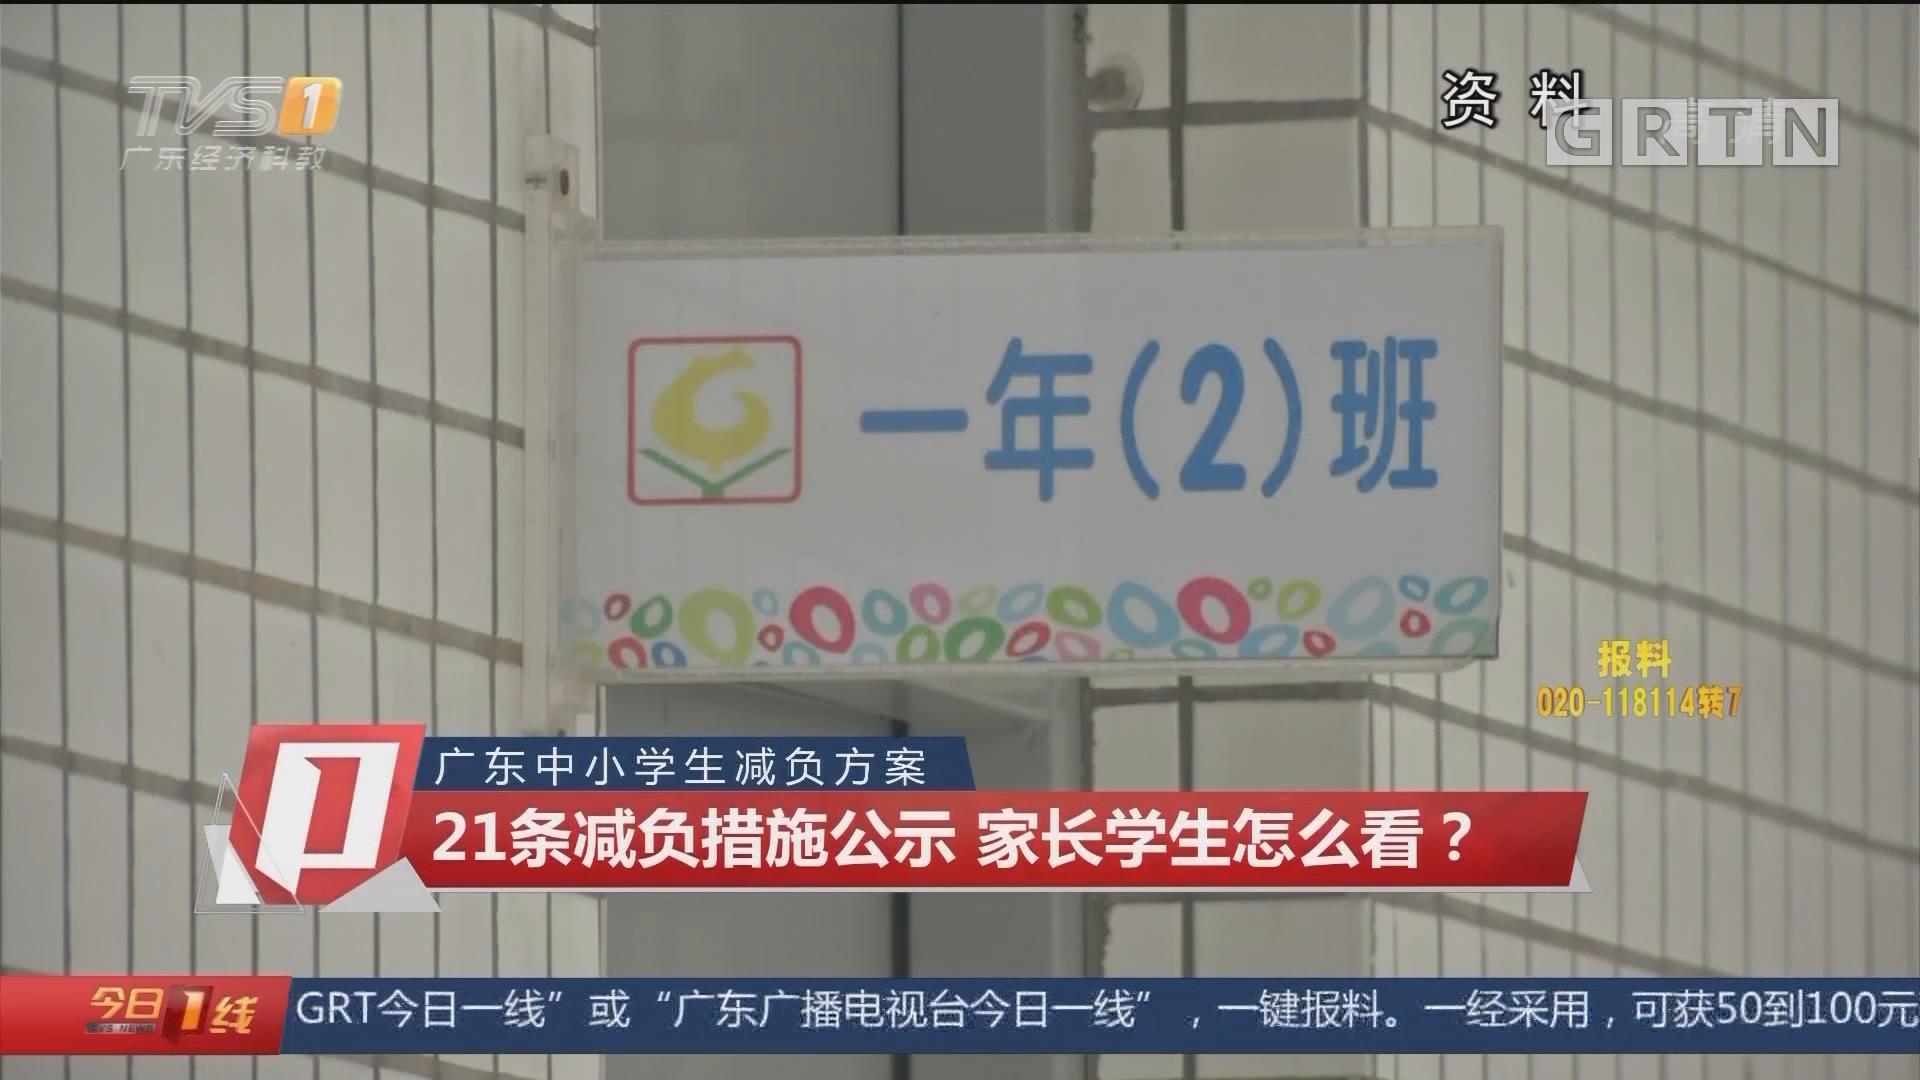 广东中小学生减负方案 21条减负措施公示 家长学生怎么看?